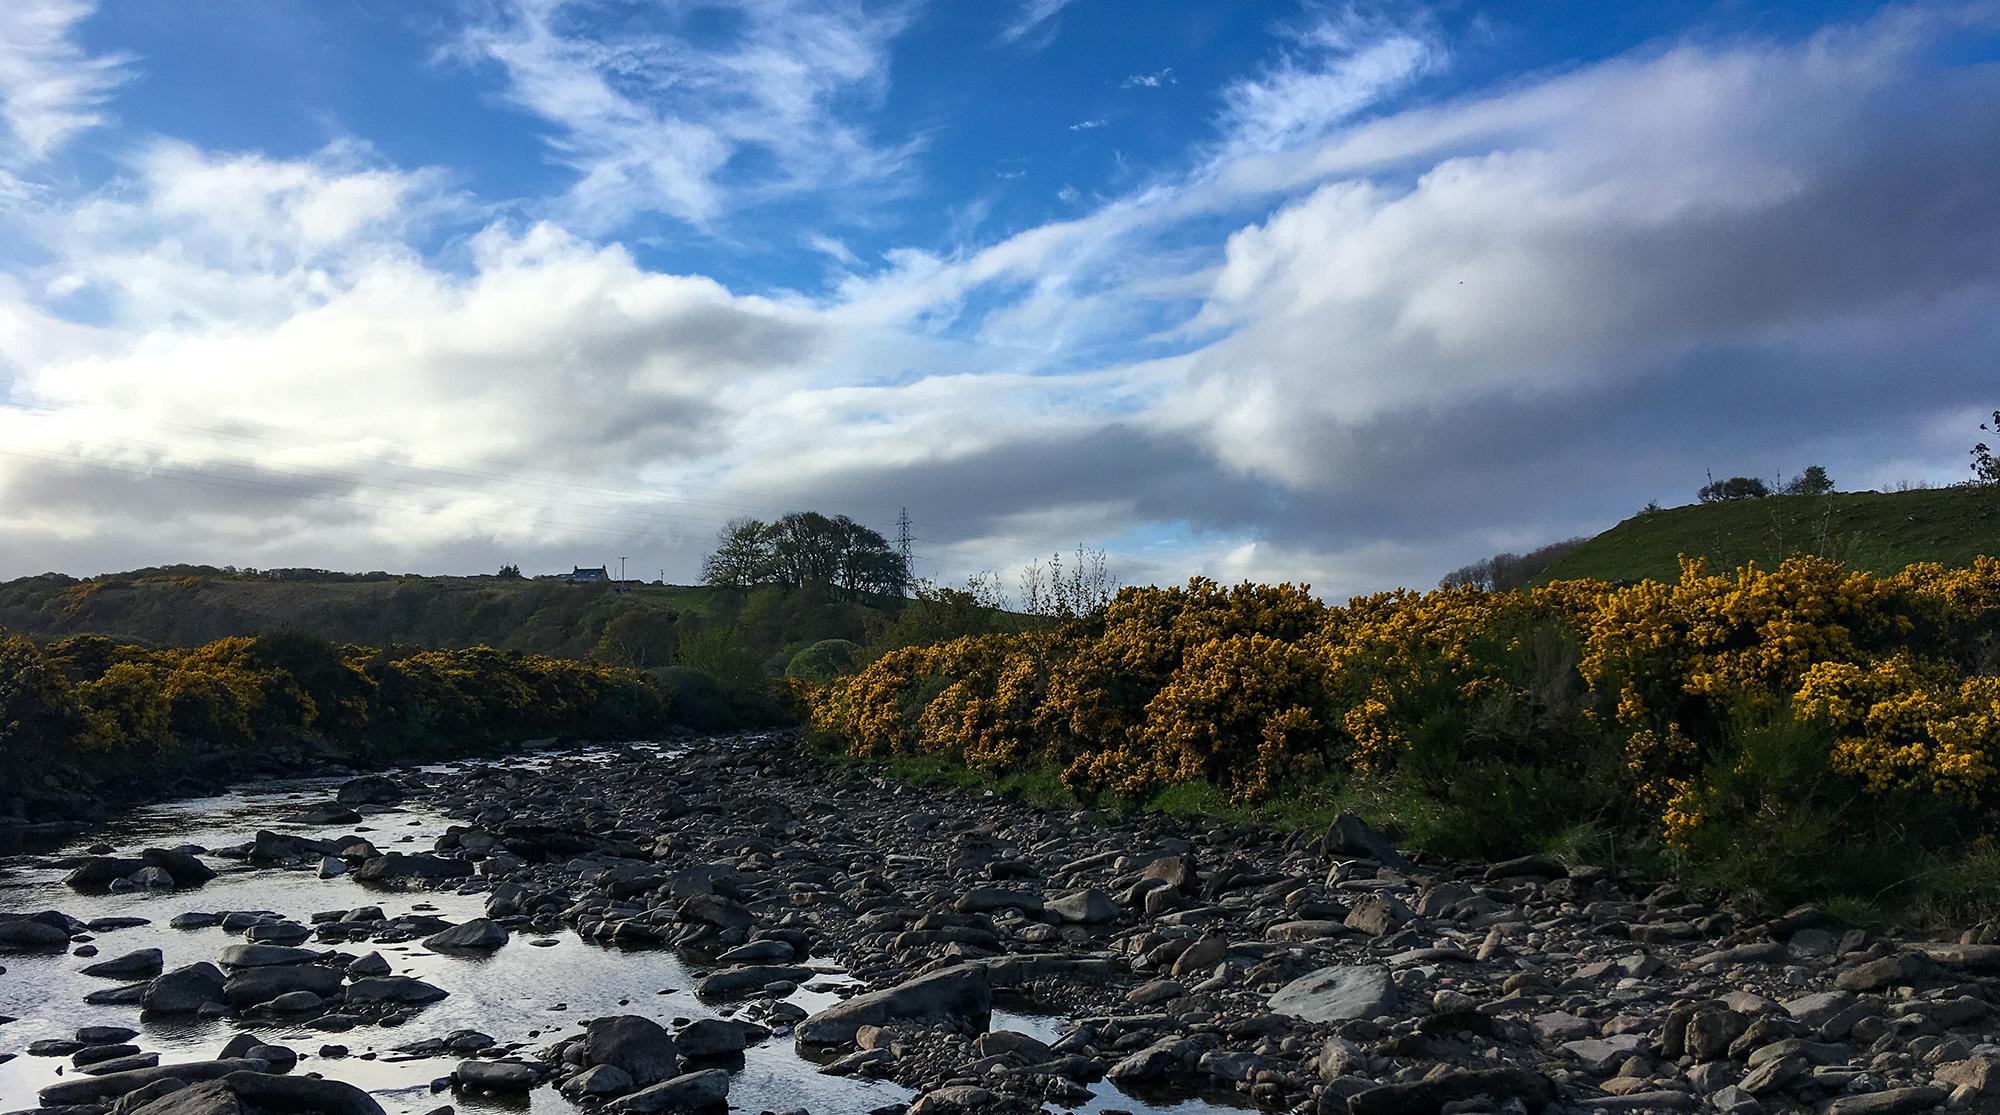 Der Fluss Dunbeath Water